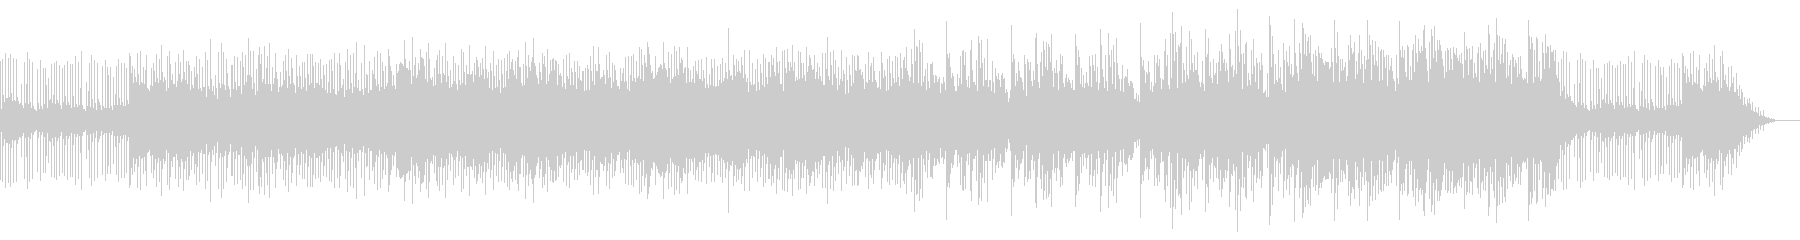 謎解きの解説時に適した曲の未再生の波形